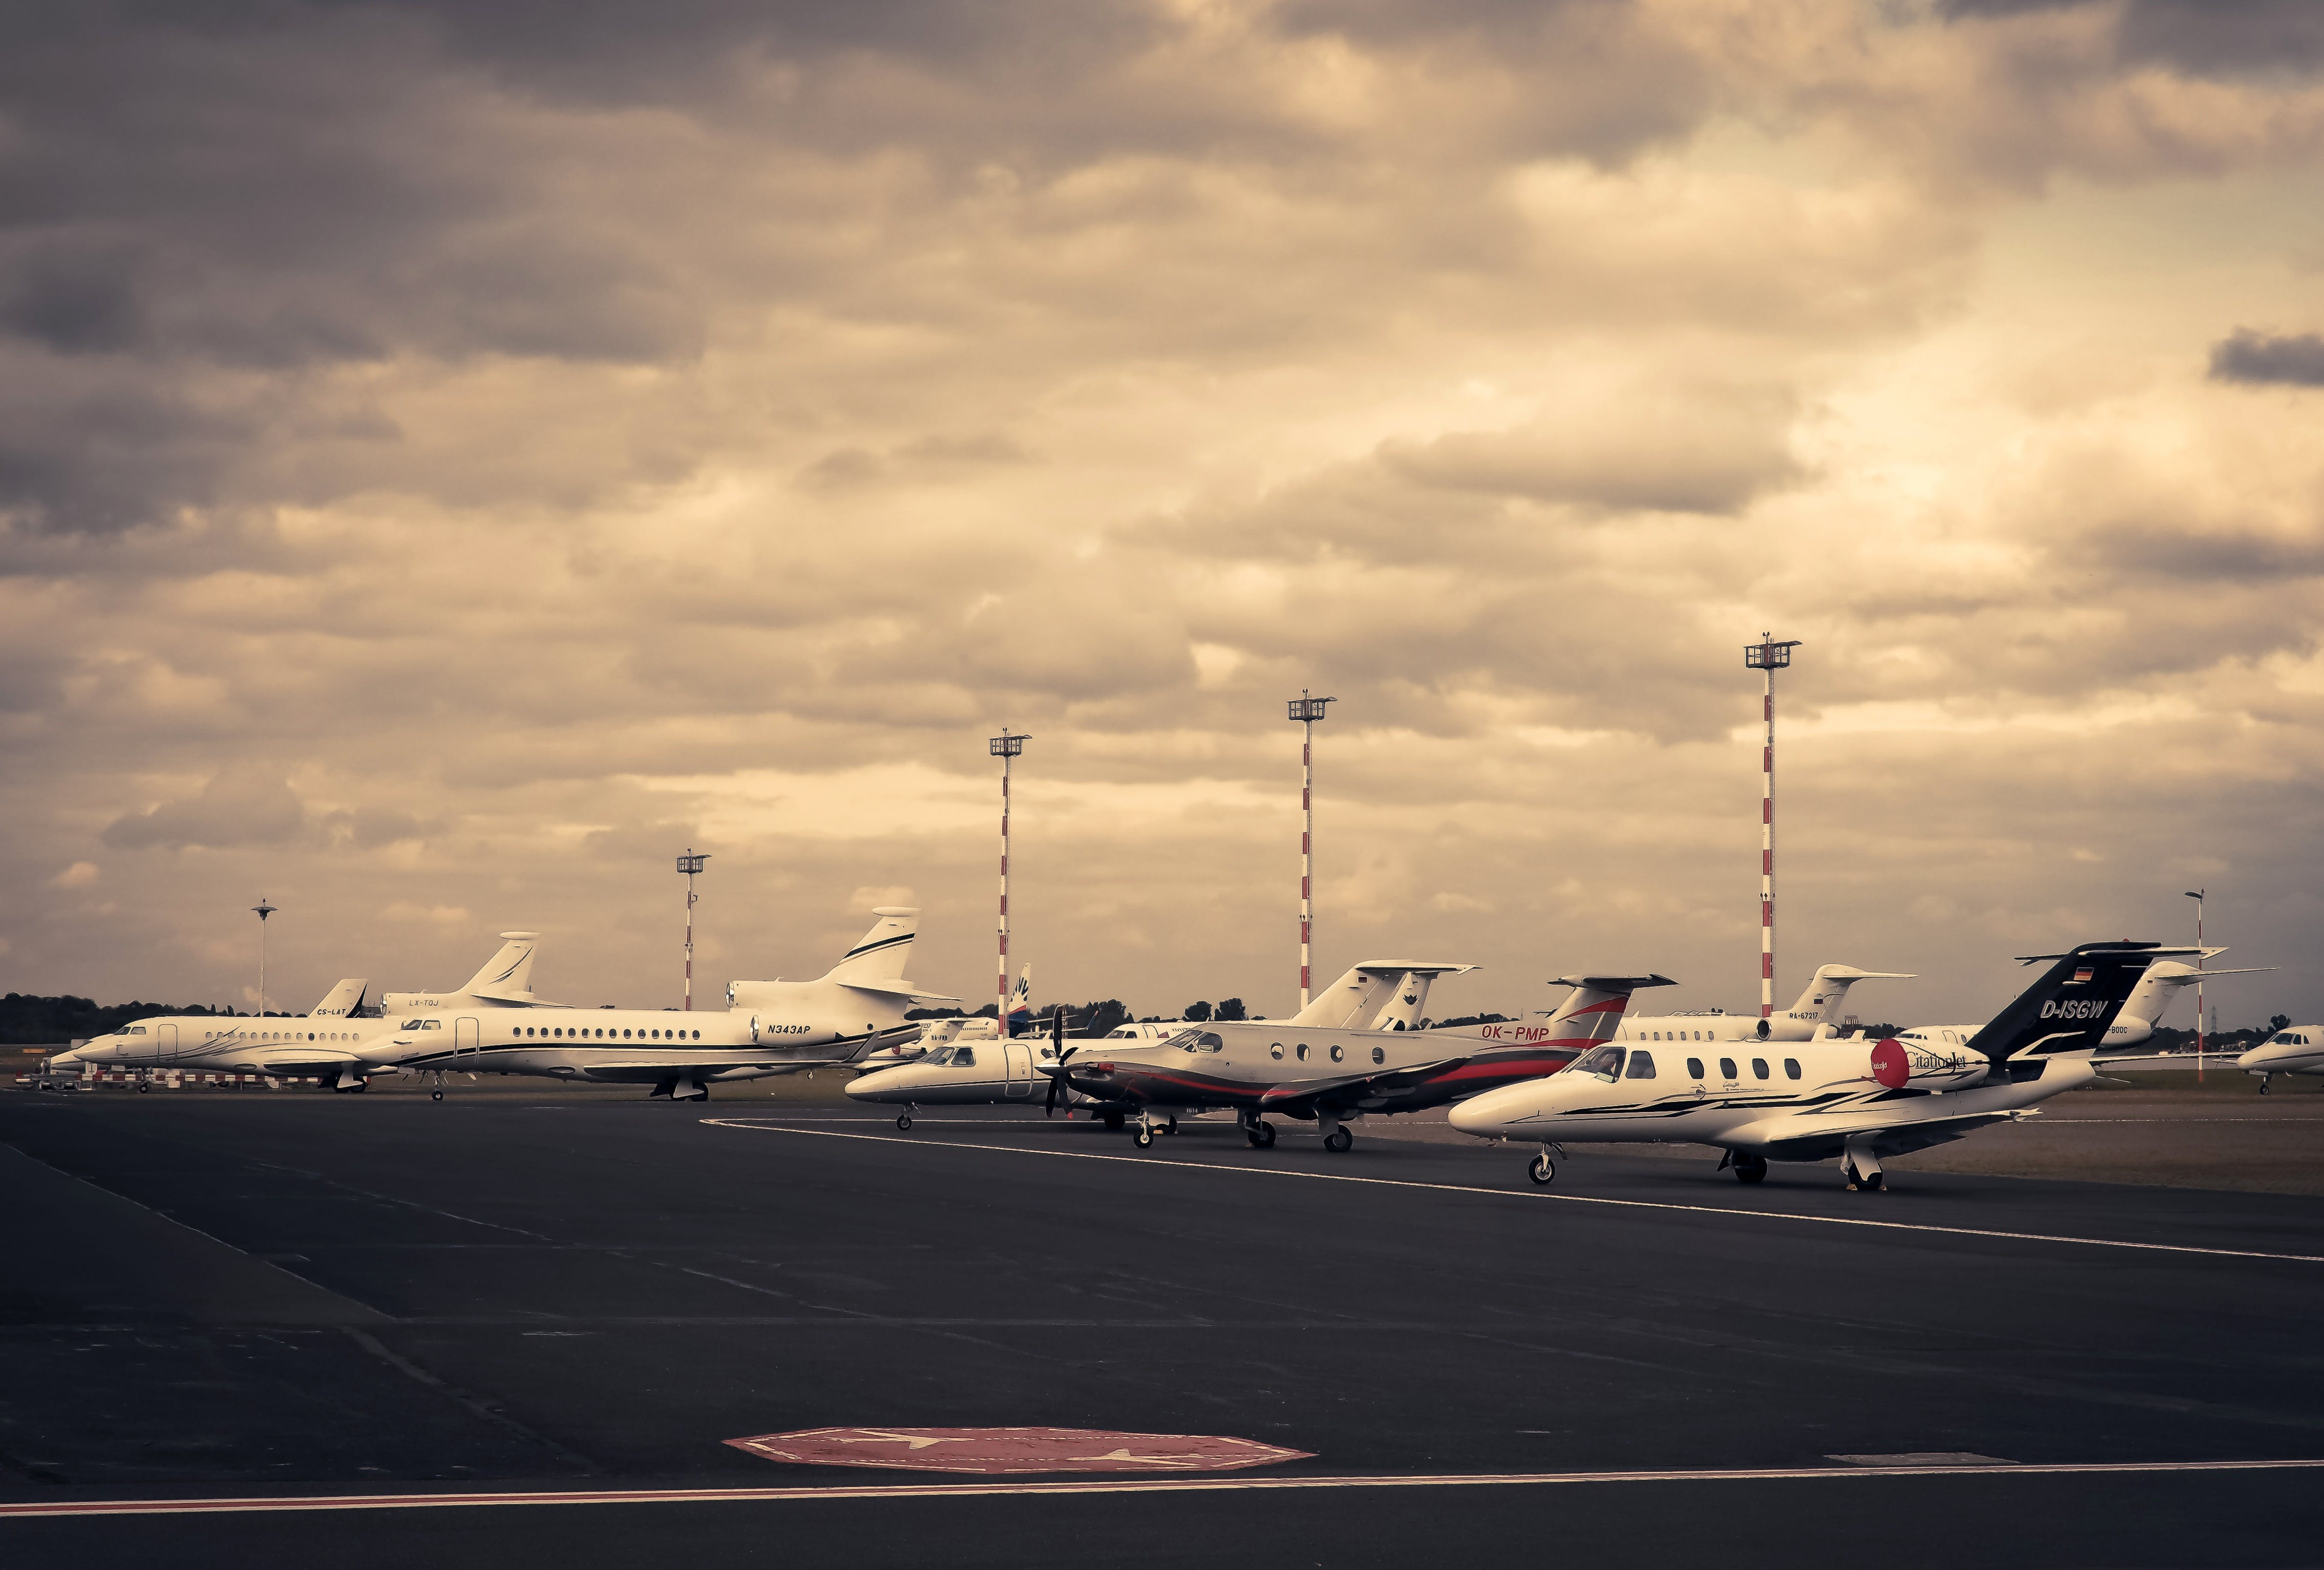 Безкоштовне стокове фото на тему «авіакомпанія, авіалайнер, Авіація, аеропорт»